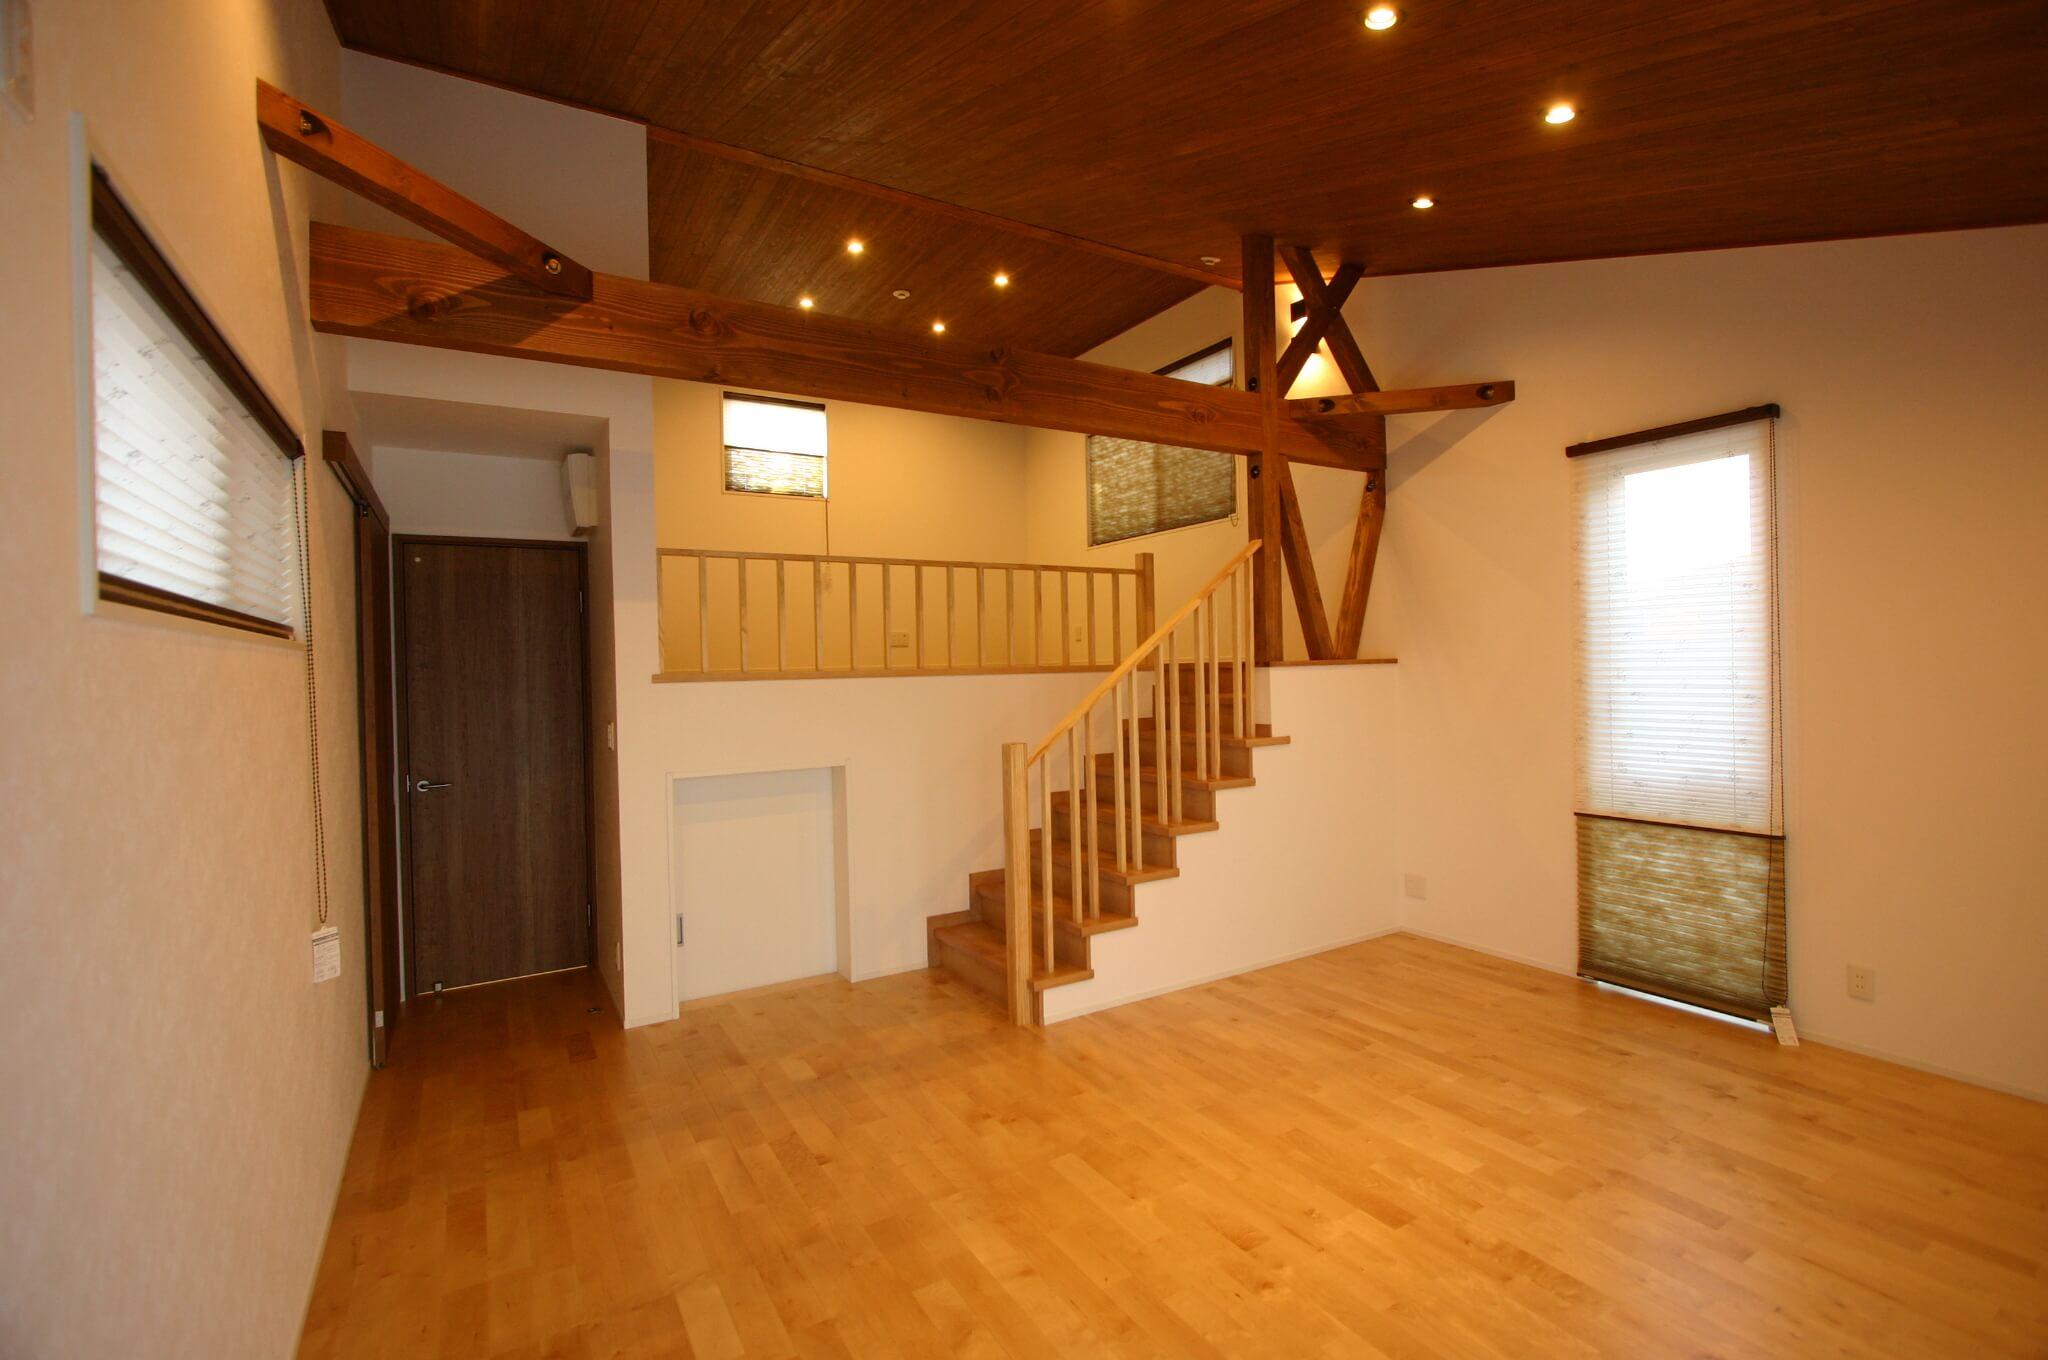 リフォーム|安水建設|愛知県三河エリアの木造注文住宅・リフォームこんなリビングできたらいいな…